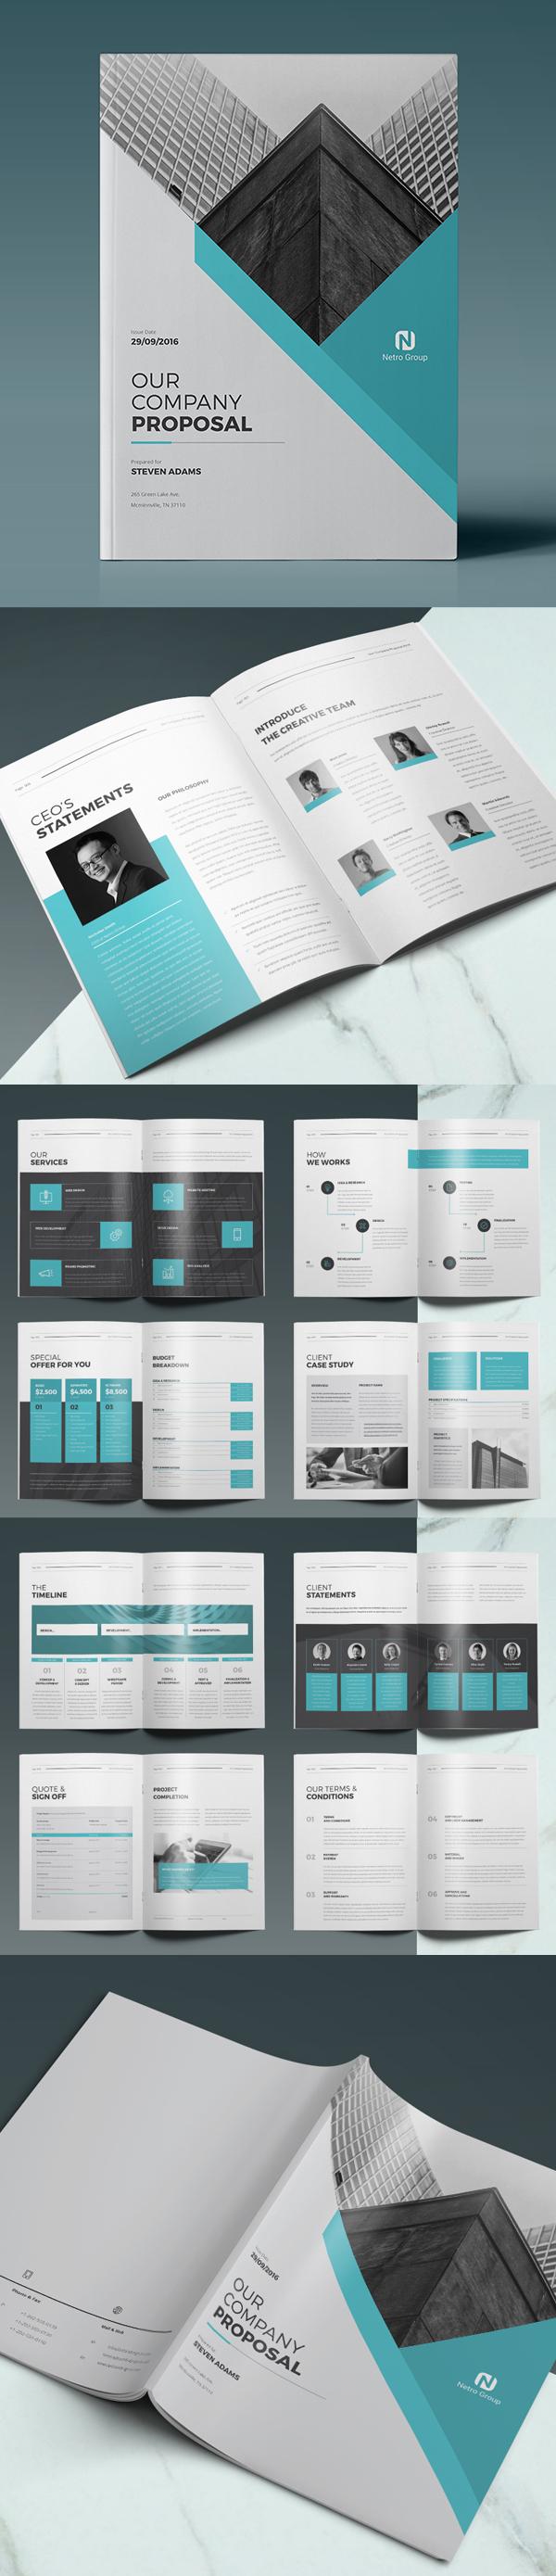 015 brochure design